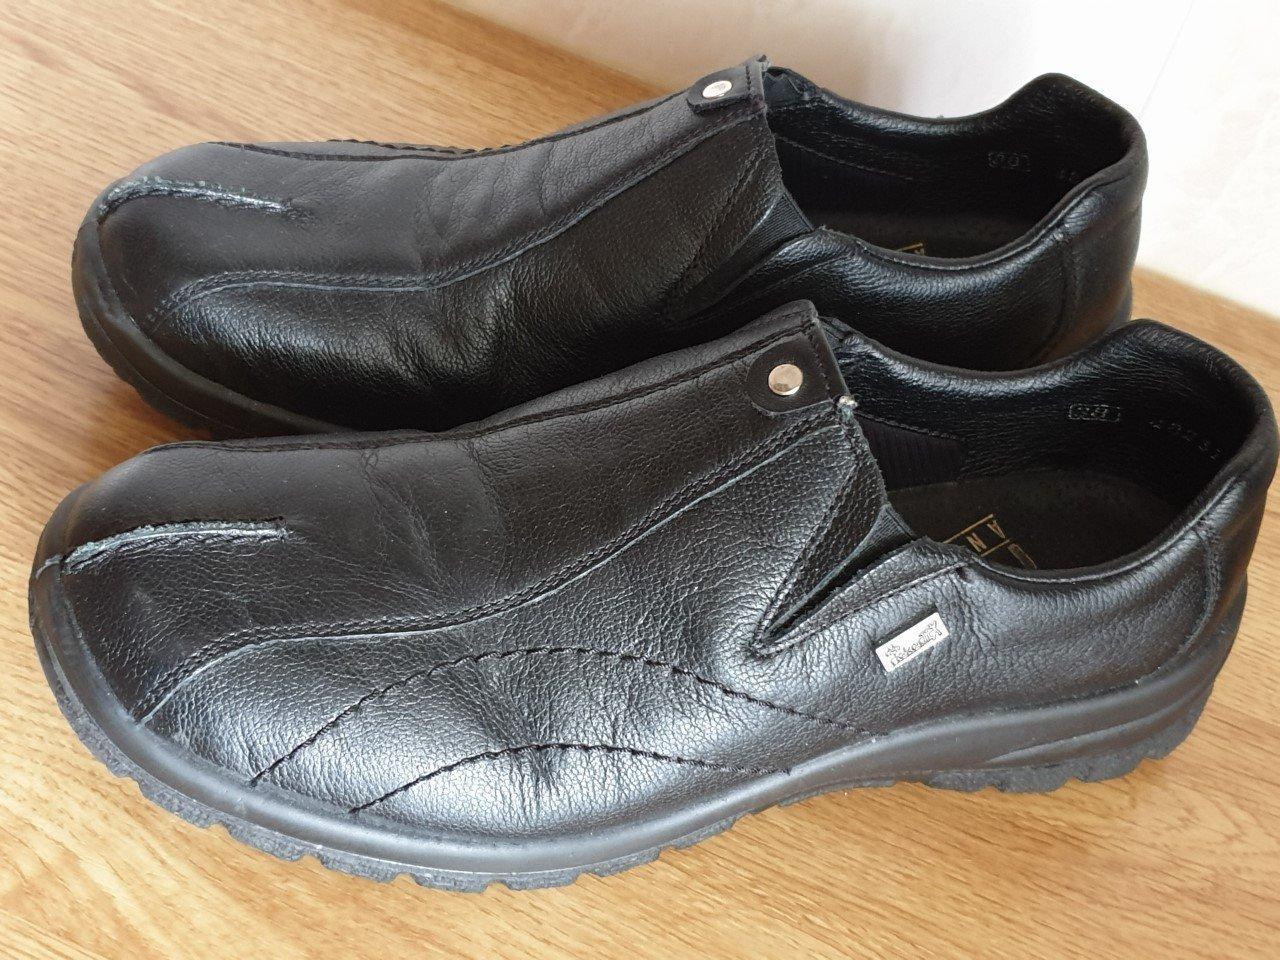 snygga ergonomiska skor